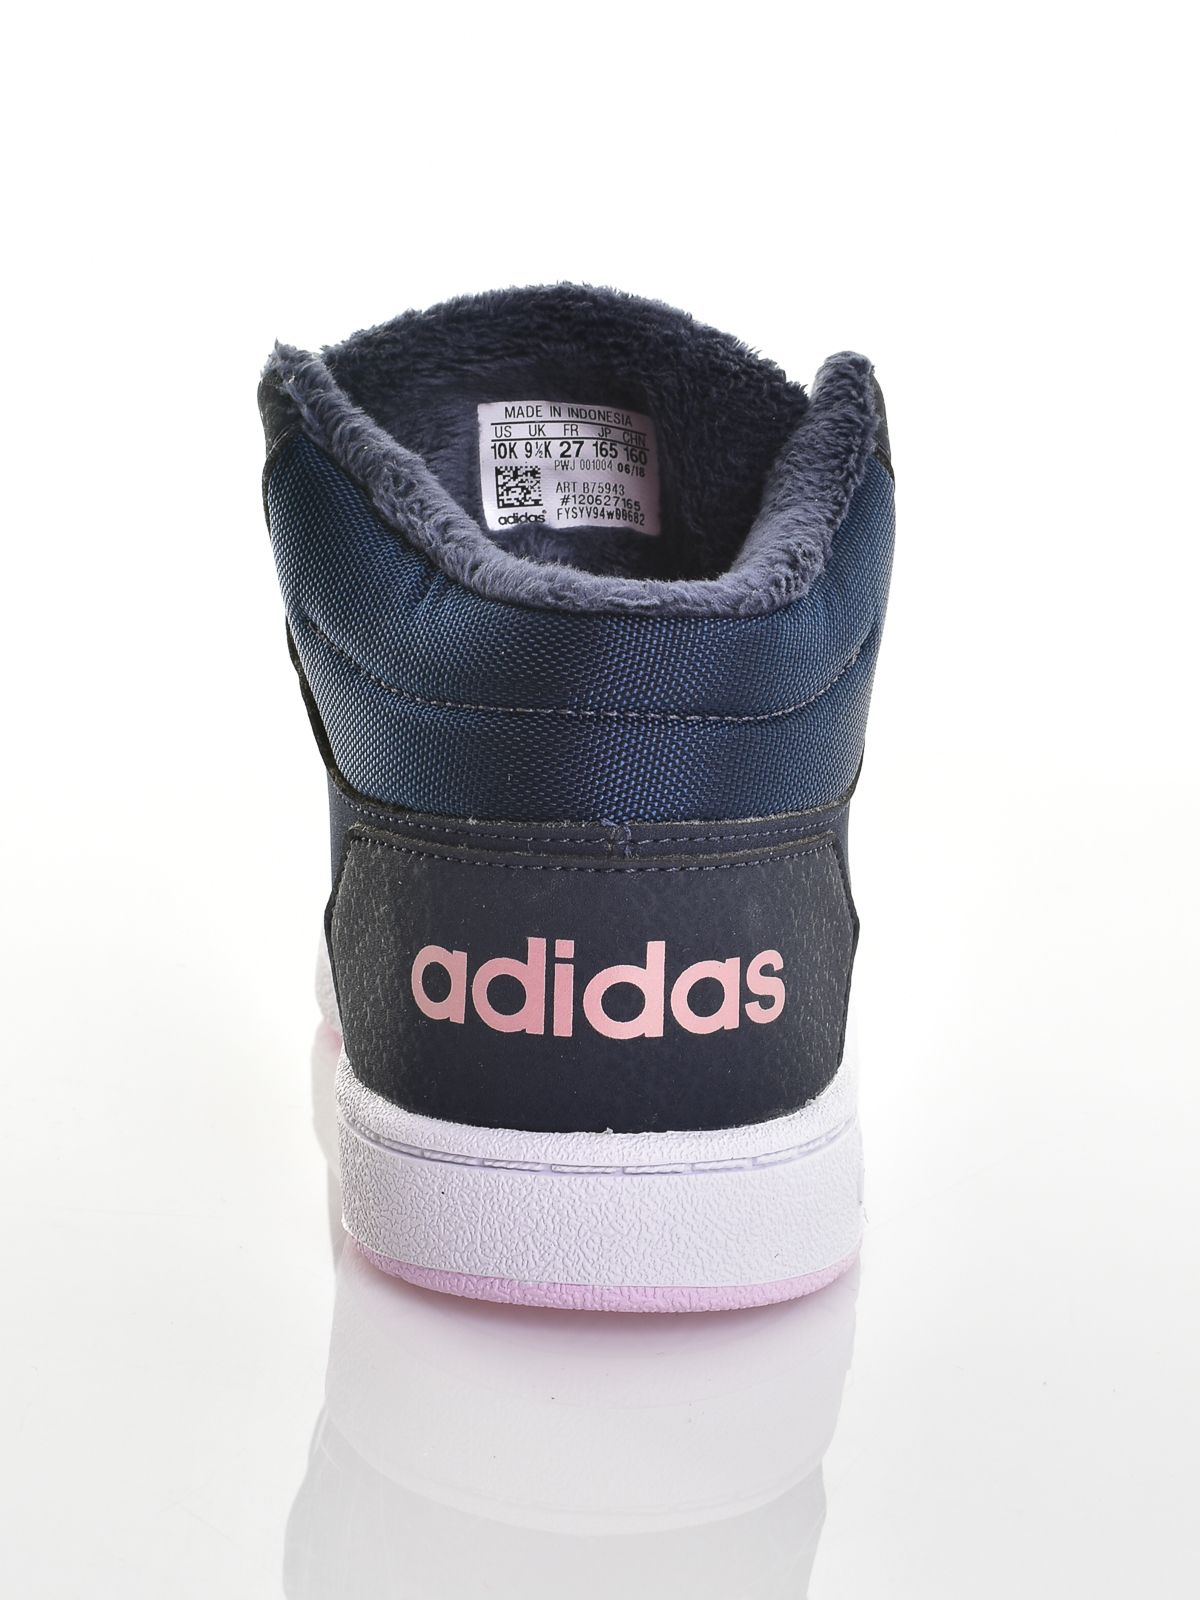 ... Adidas bébi lány magasszárú cipő HOOPS MID 2.0 I ... 28c8a2ff29